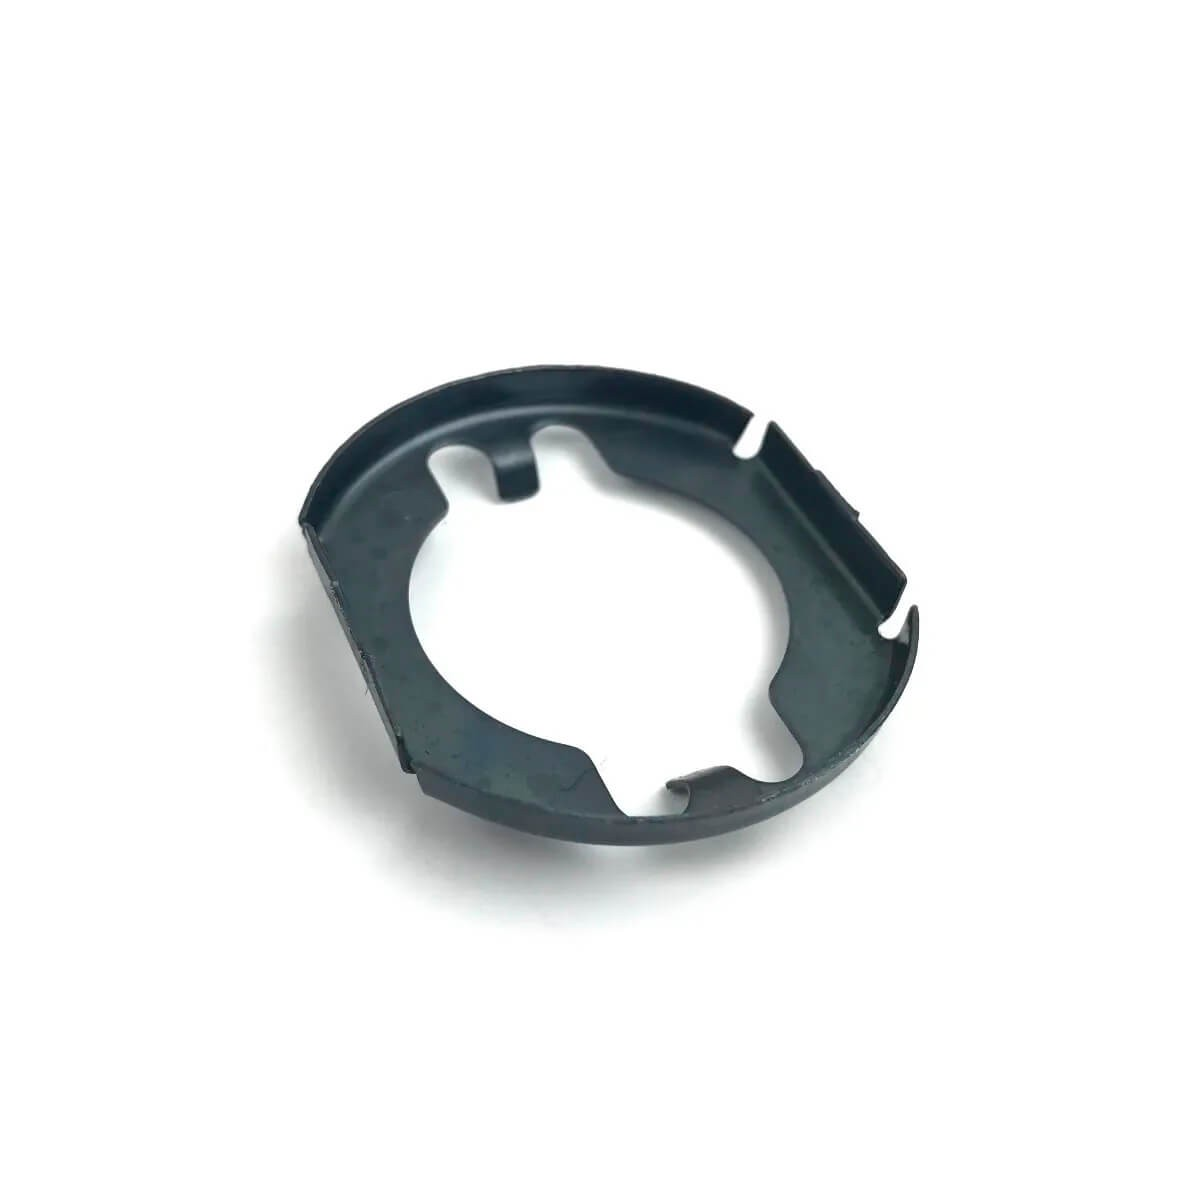 Kit Arruela Engaste Rolamento Lavadora Electrolux - 10un - 61290897